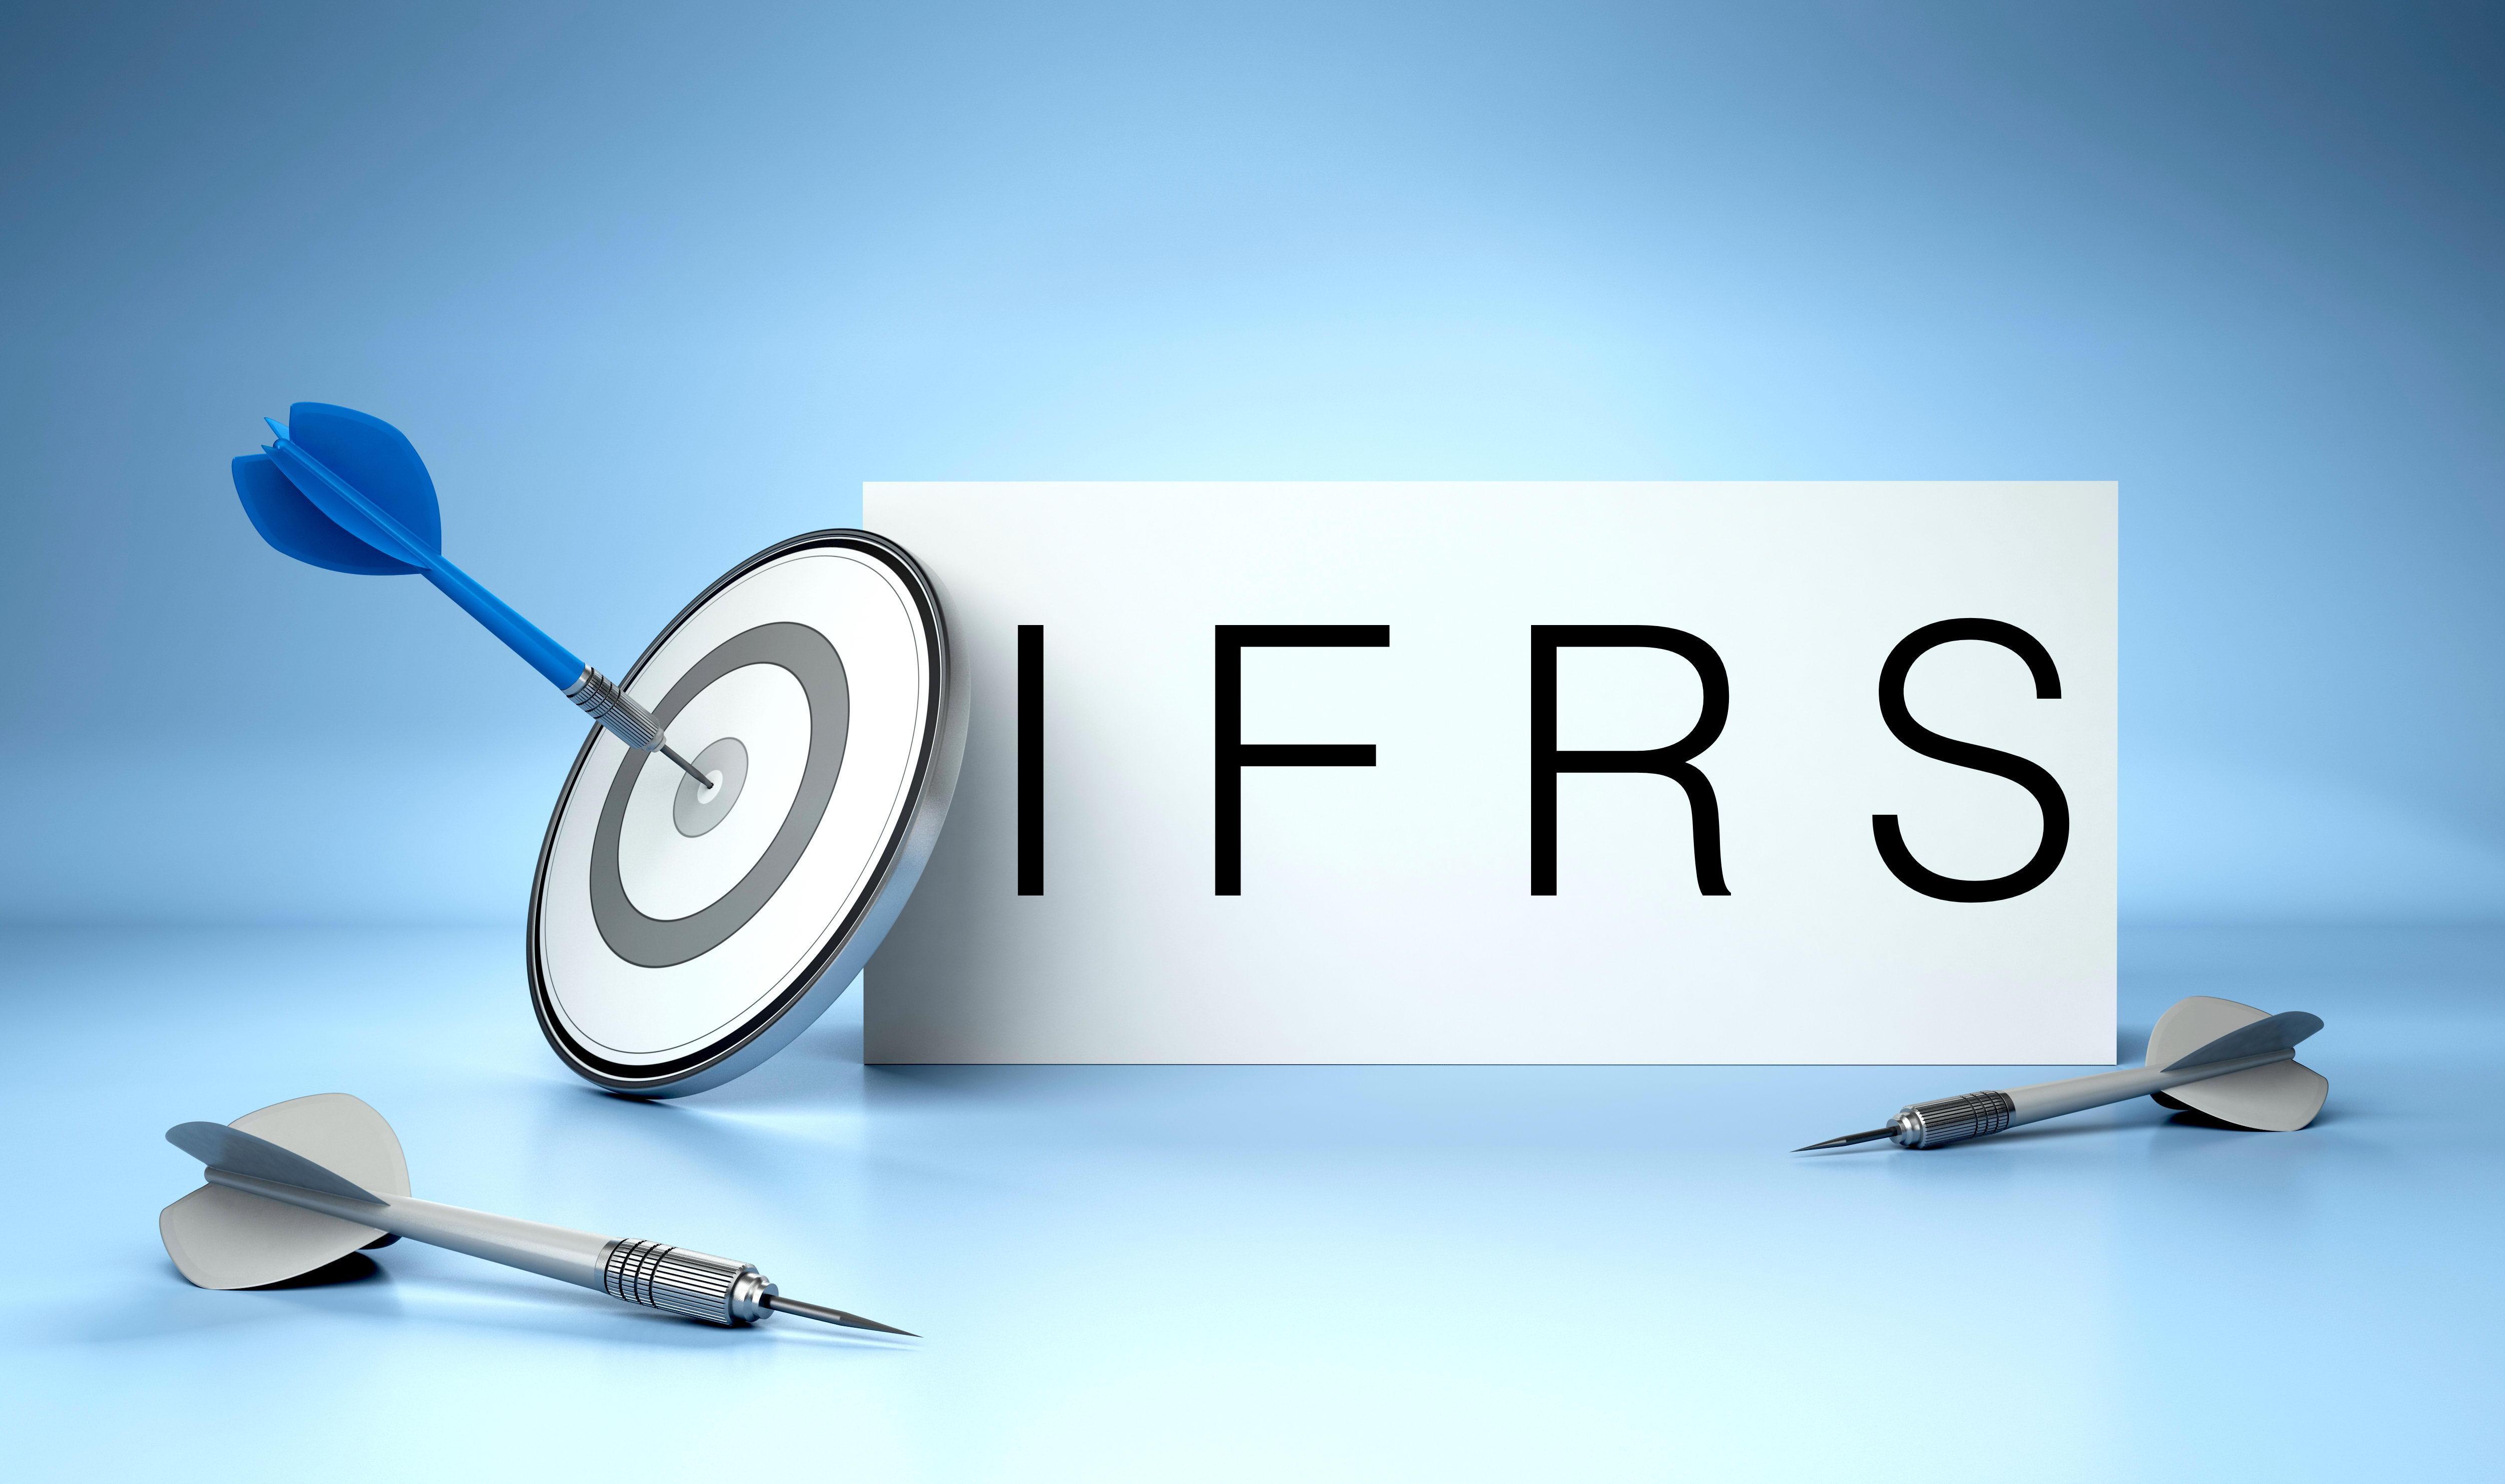 استاندارد بین المللی گزارشگری مالی شماره ۸ چیست؟